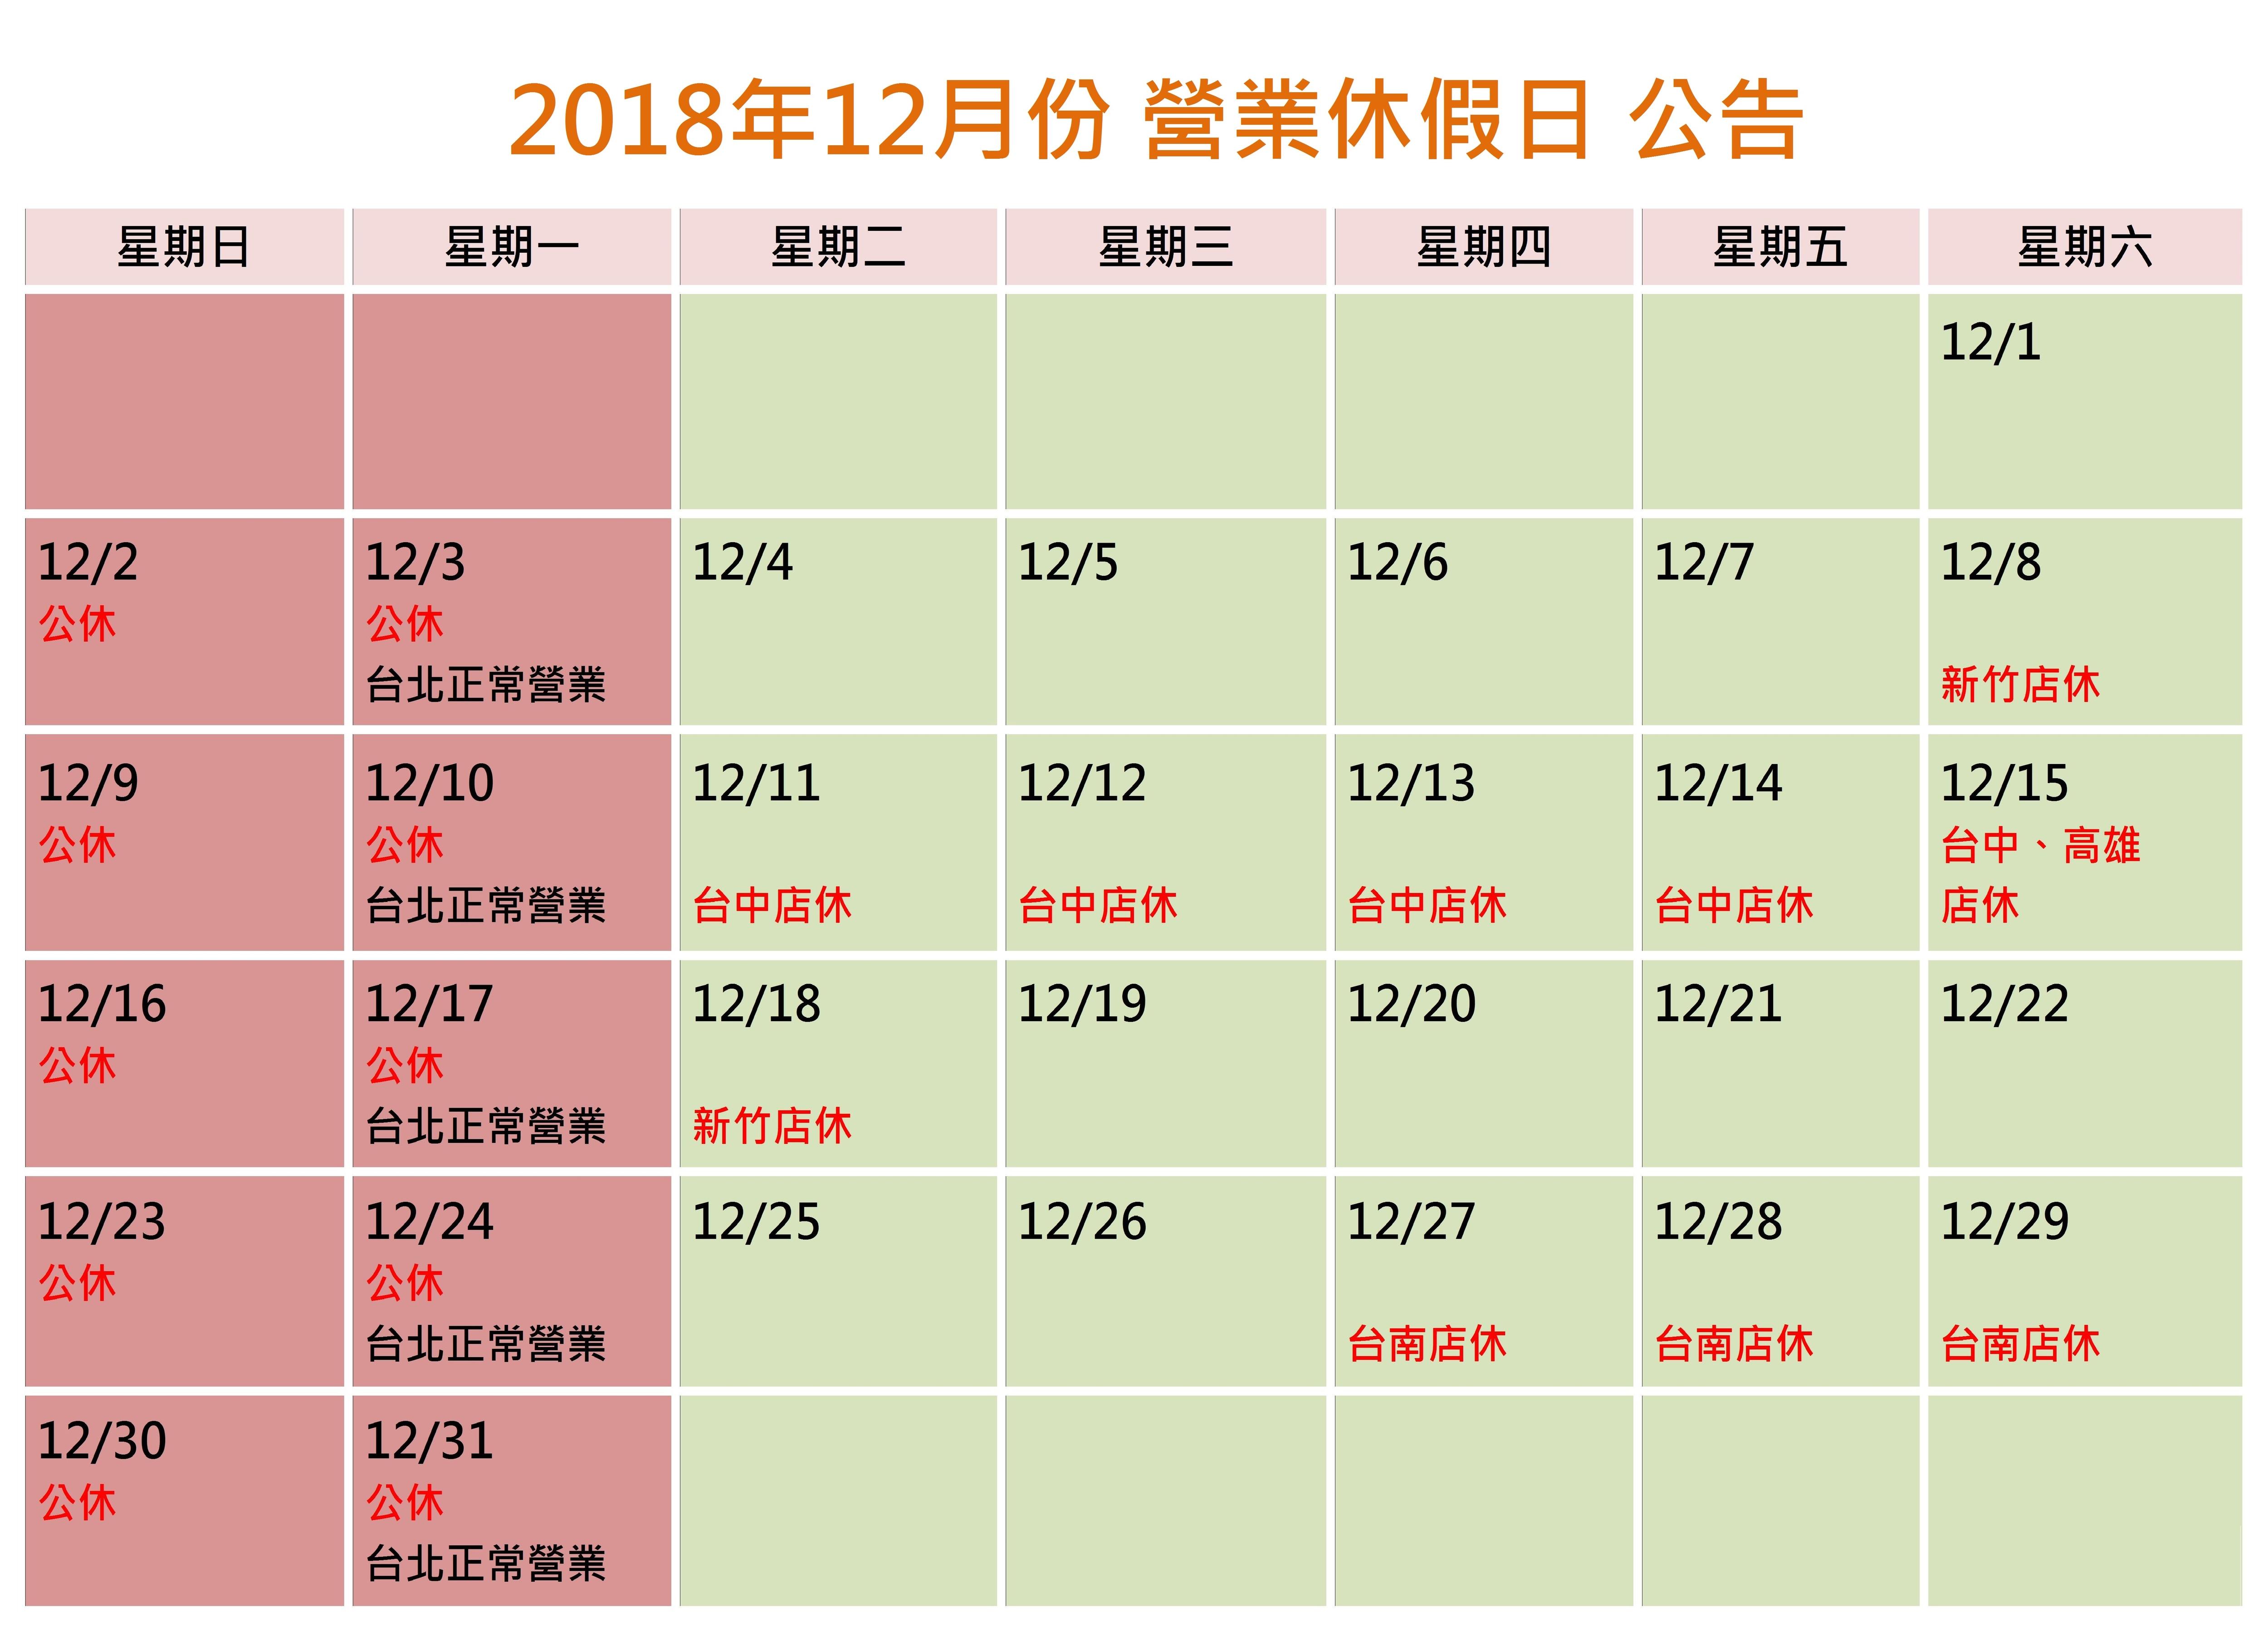 鴻宇光學門市12月營業休假日公告